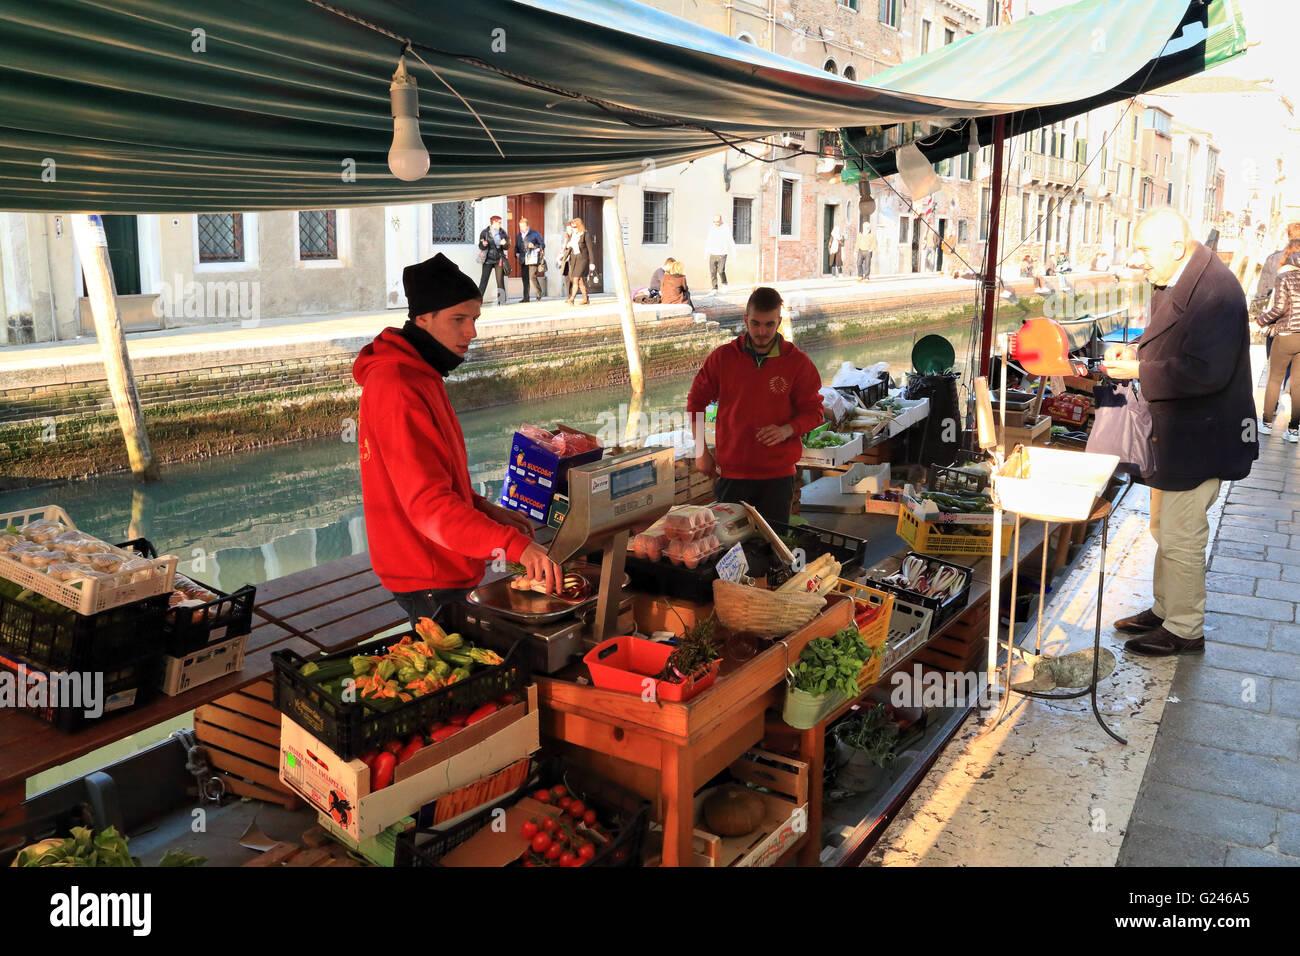 La Barca - Frutas y Verduras tienda canal boat en Venecia. Foto de stock